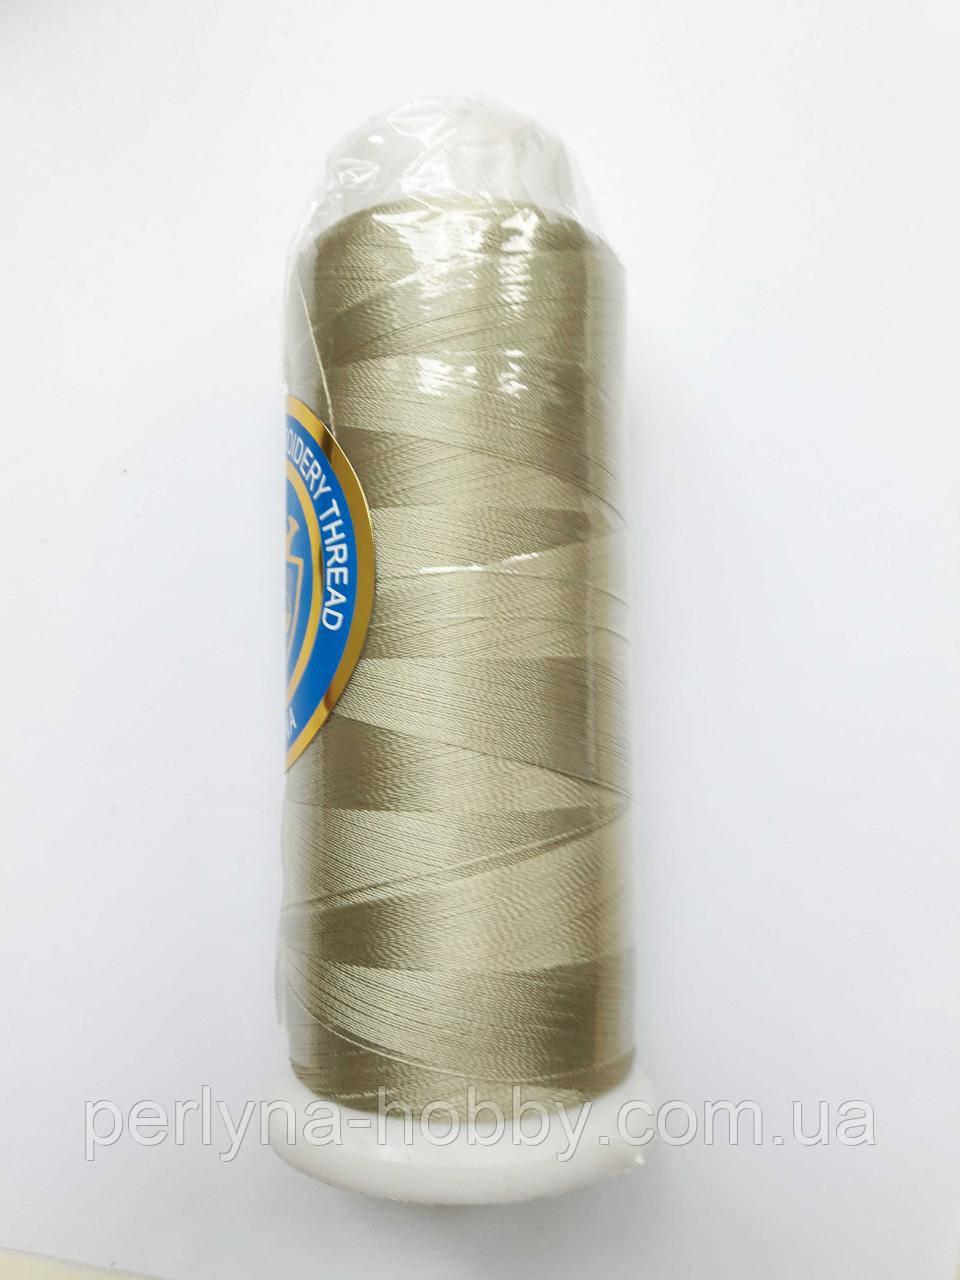 Нитки для машинної вишики 100% віскоза (100% rayon) 3000 ярдів, №105, оливково-сіра